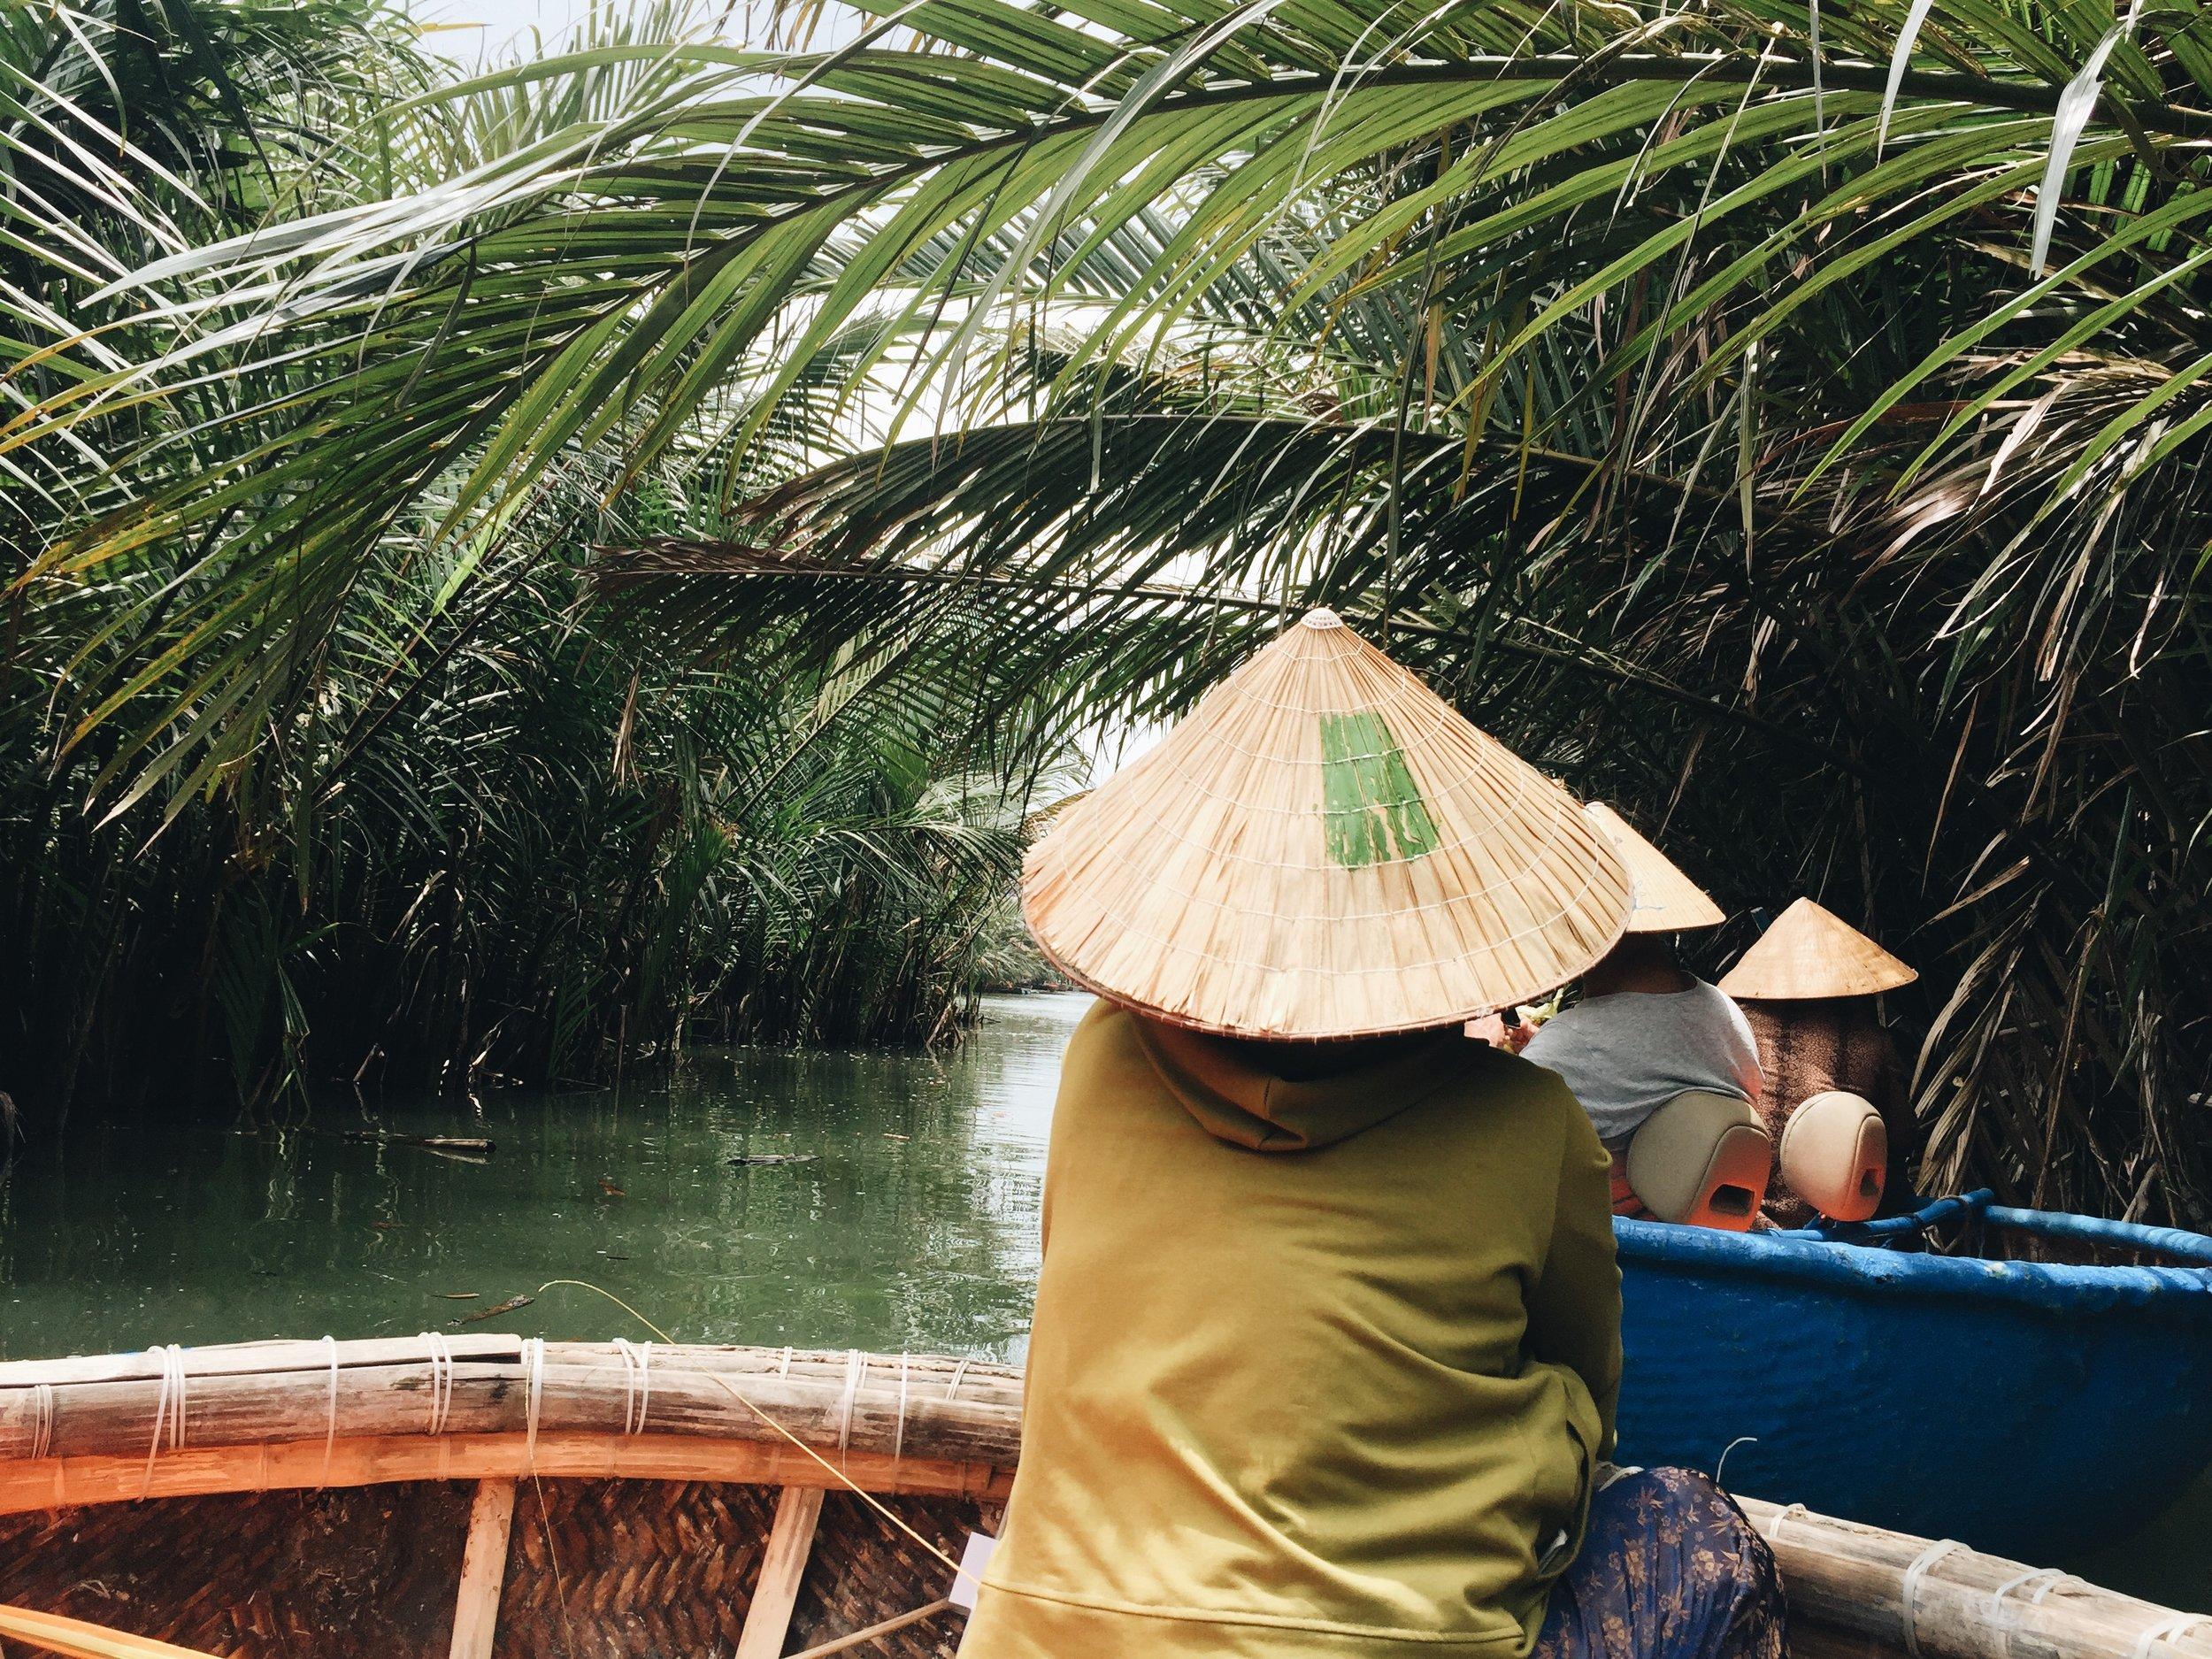 hoiAn-water-coconut-village-coracle-vietnam.JPG